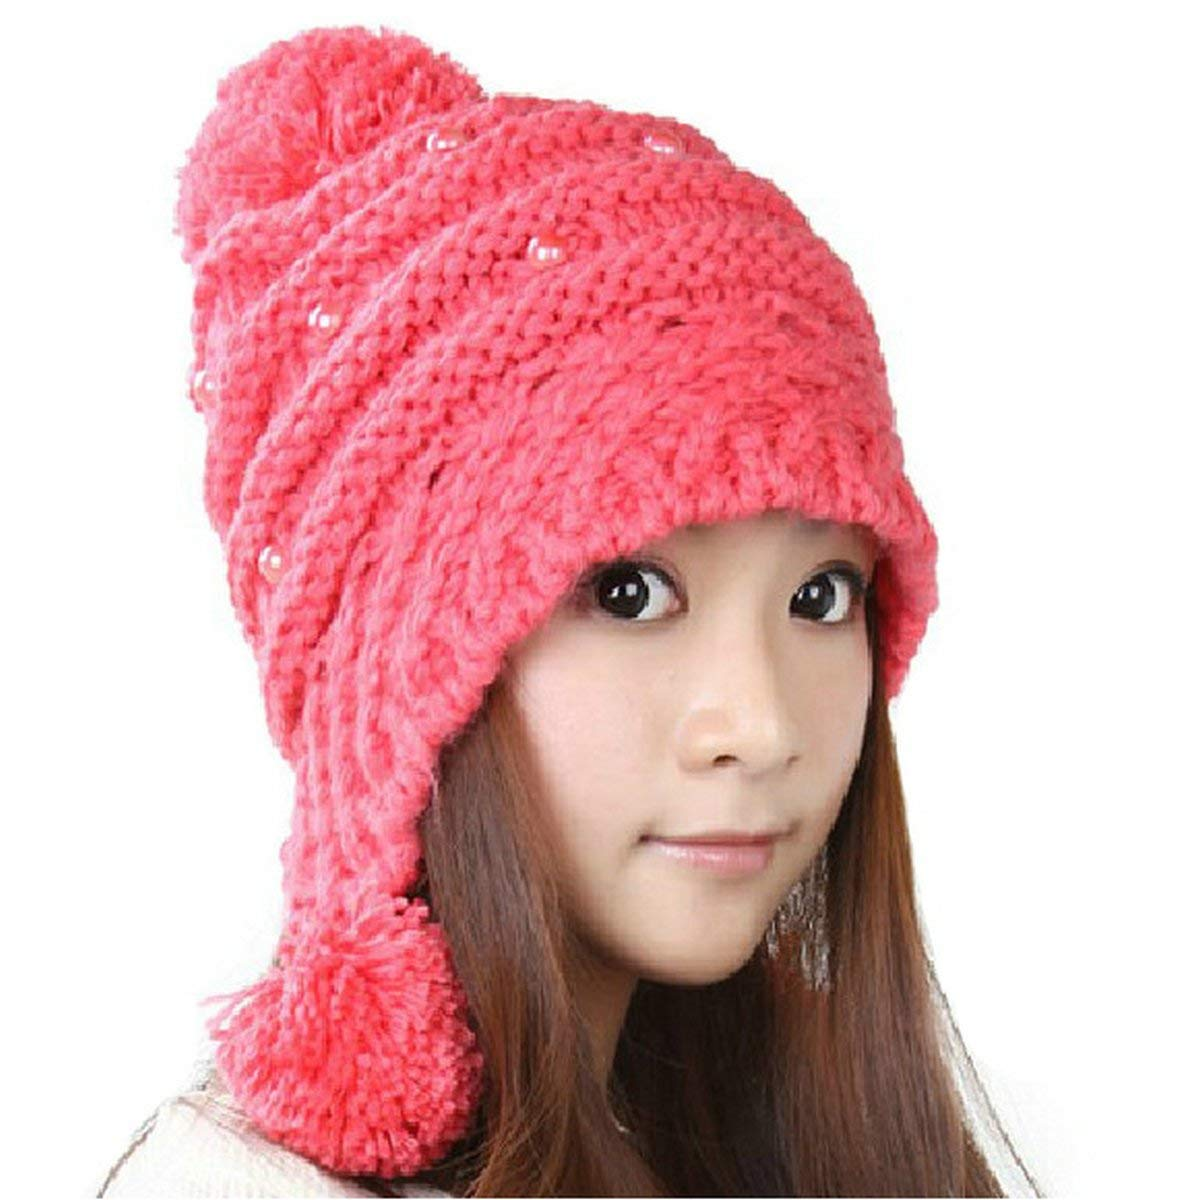 f5a5ff9edb3f1 Get Quotations · Joyci Christmas Girls Pearl Knit Pom Pom Hat Ear Flap  Beanie Ski Warm